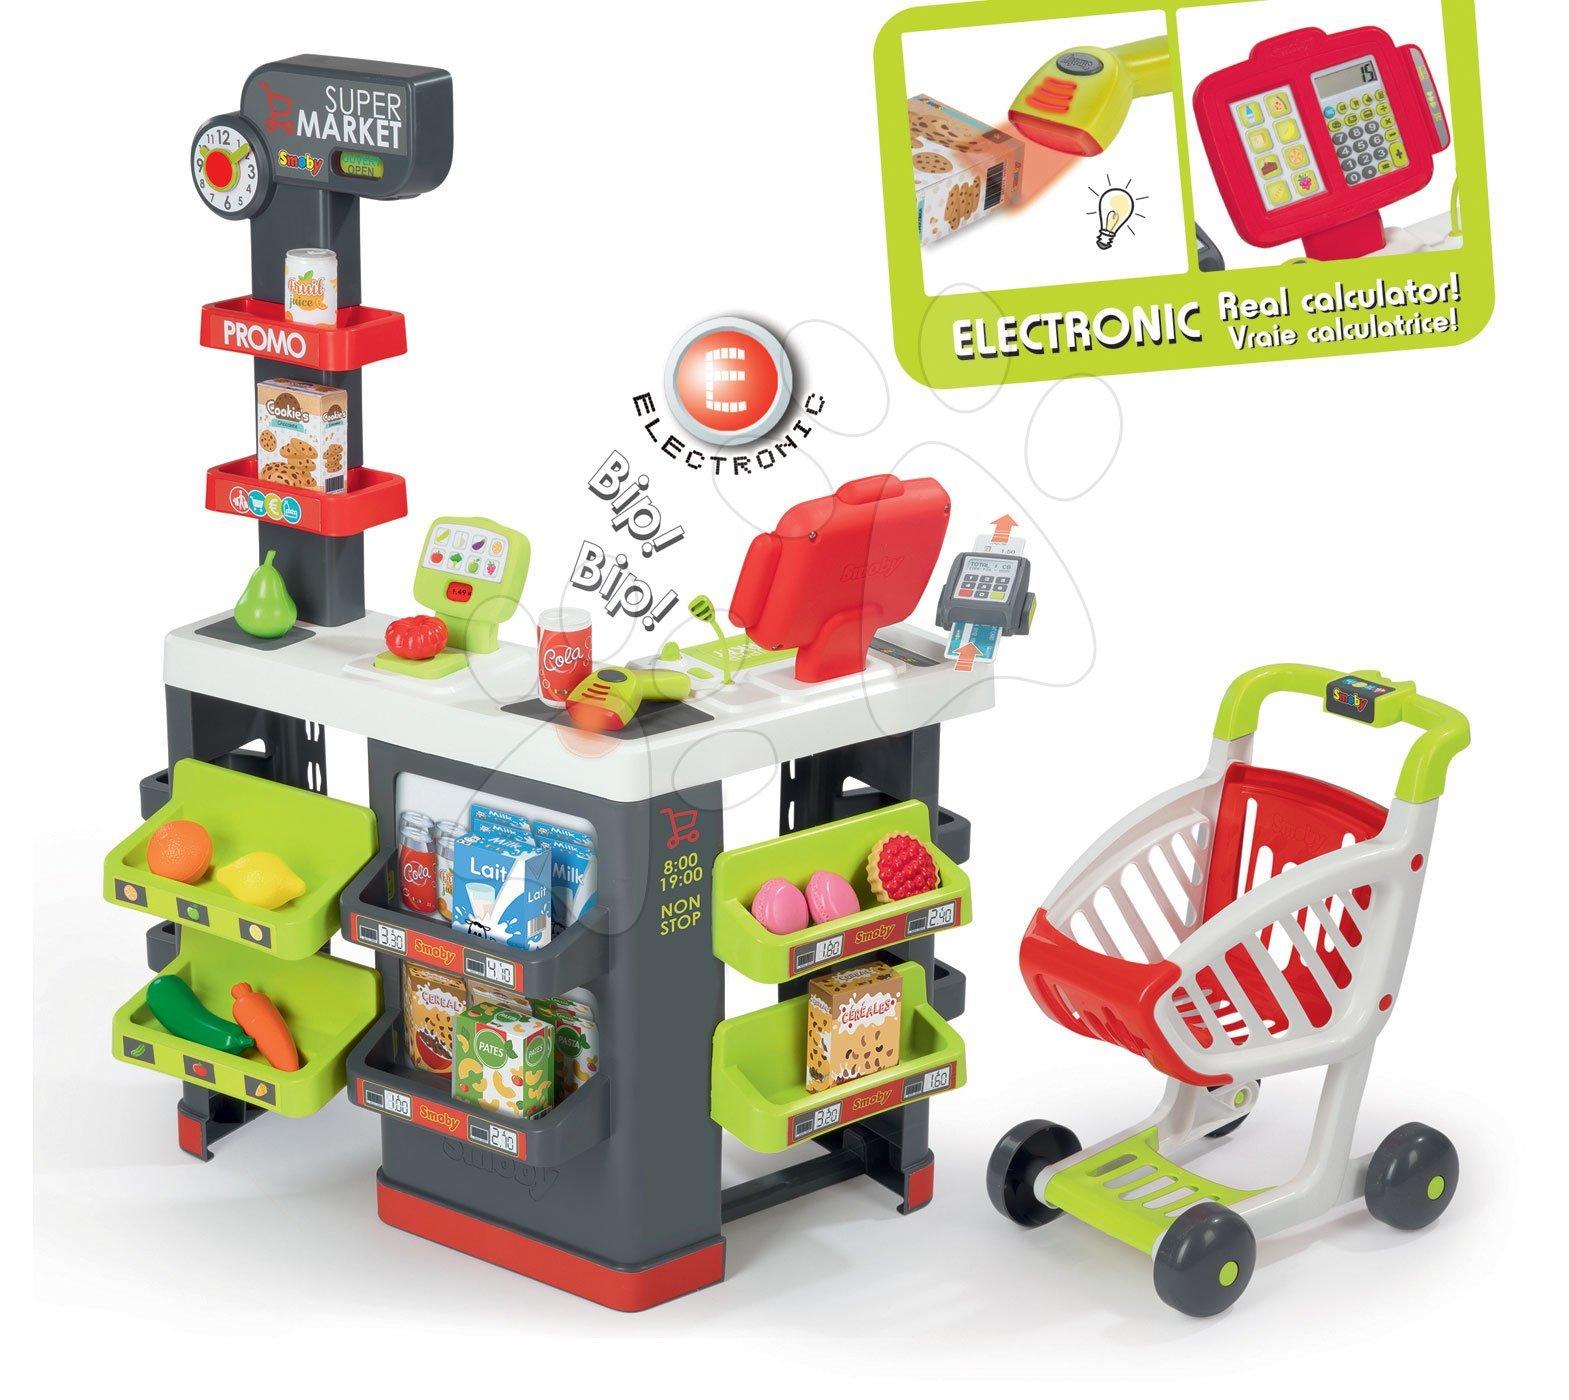 Közért bevásárlókocsival Supermarket Smoby piros elektronikus pénztárgéppel és vonalkódolvasóval, mérleggel 42 kiegészítővel